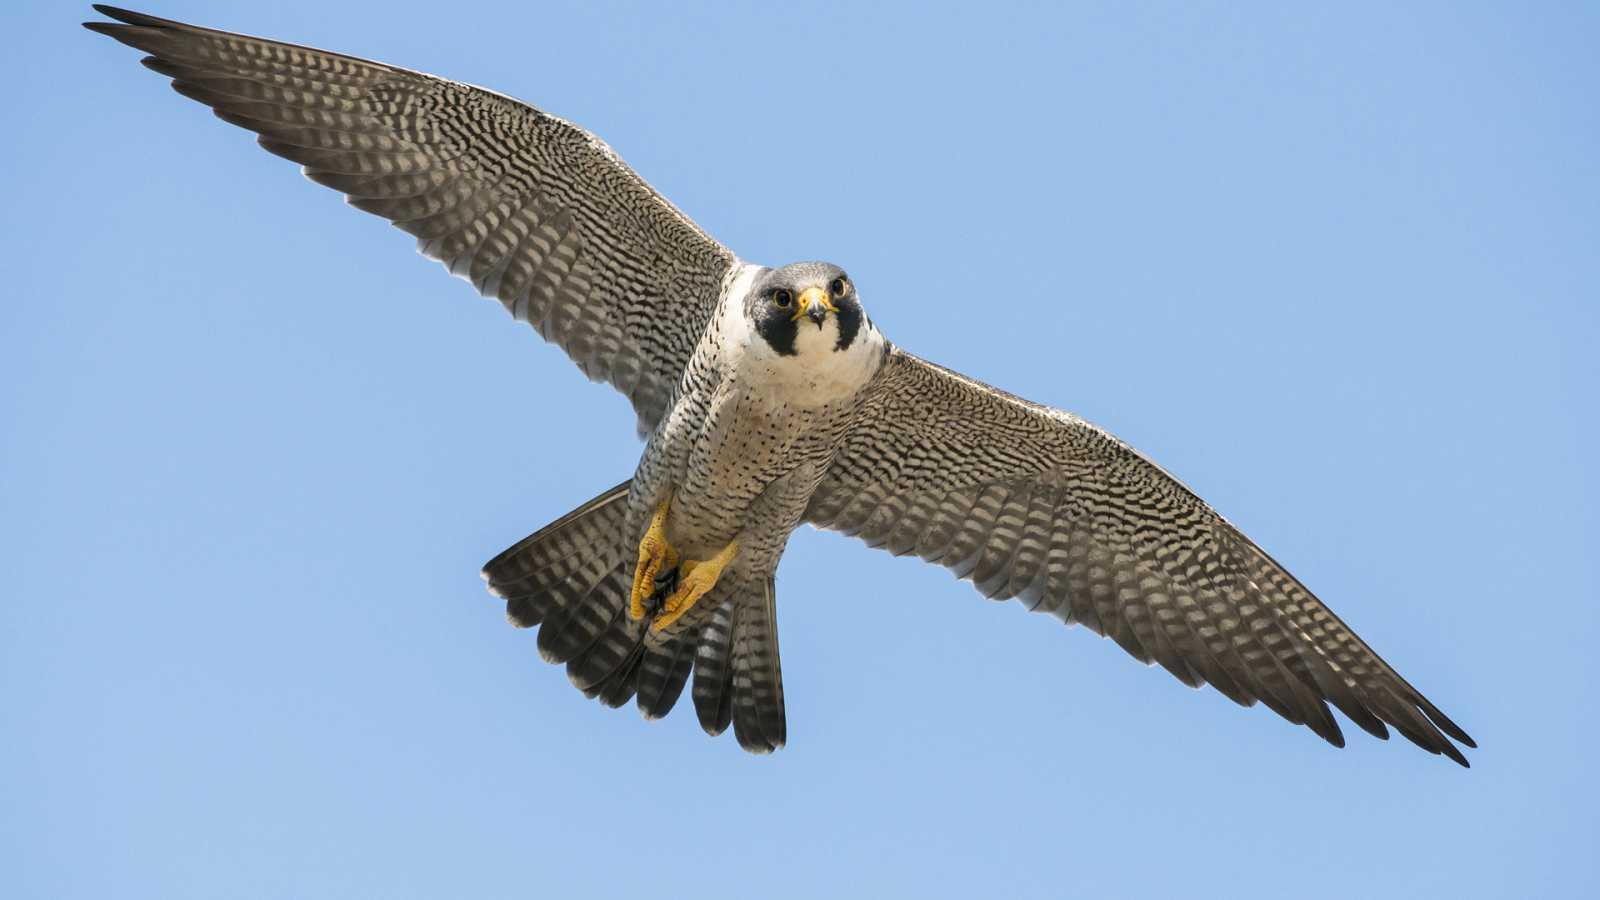 En clave Turismo - Avistamos halcones - 29/12/20 - escuchar ahora